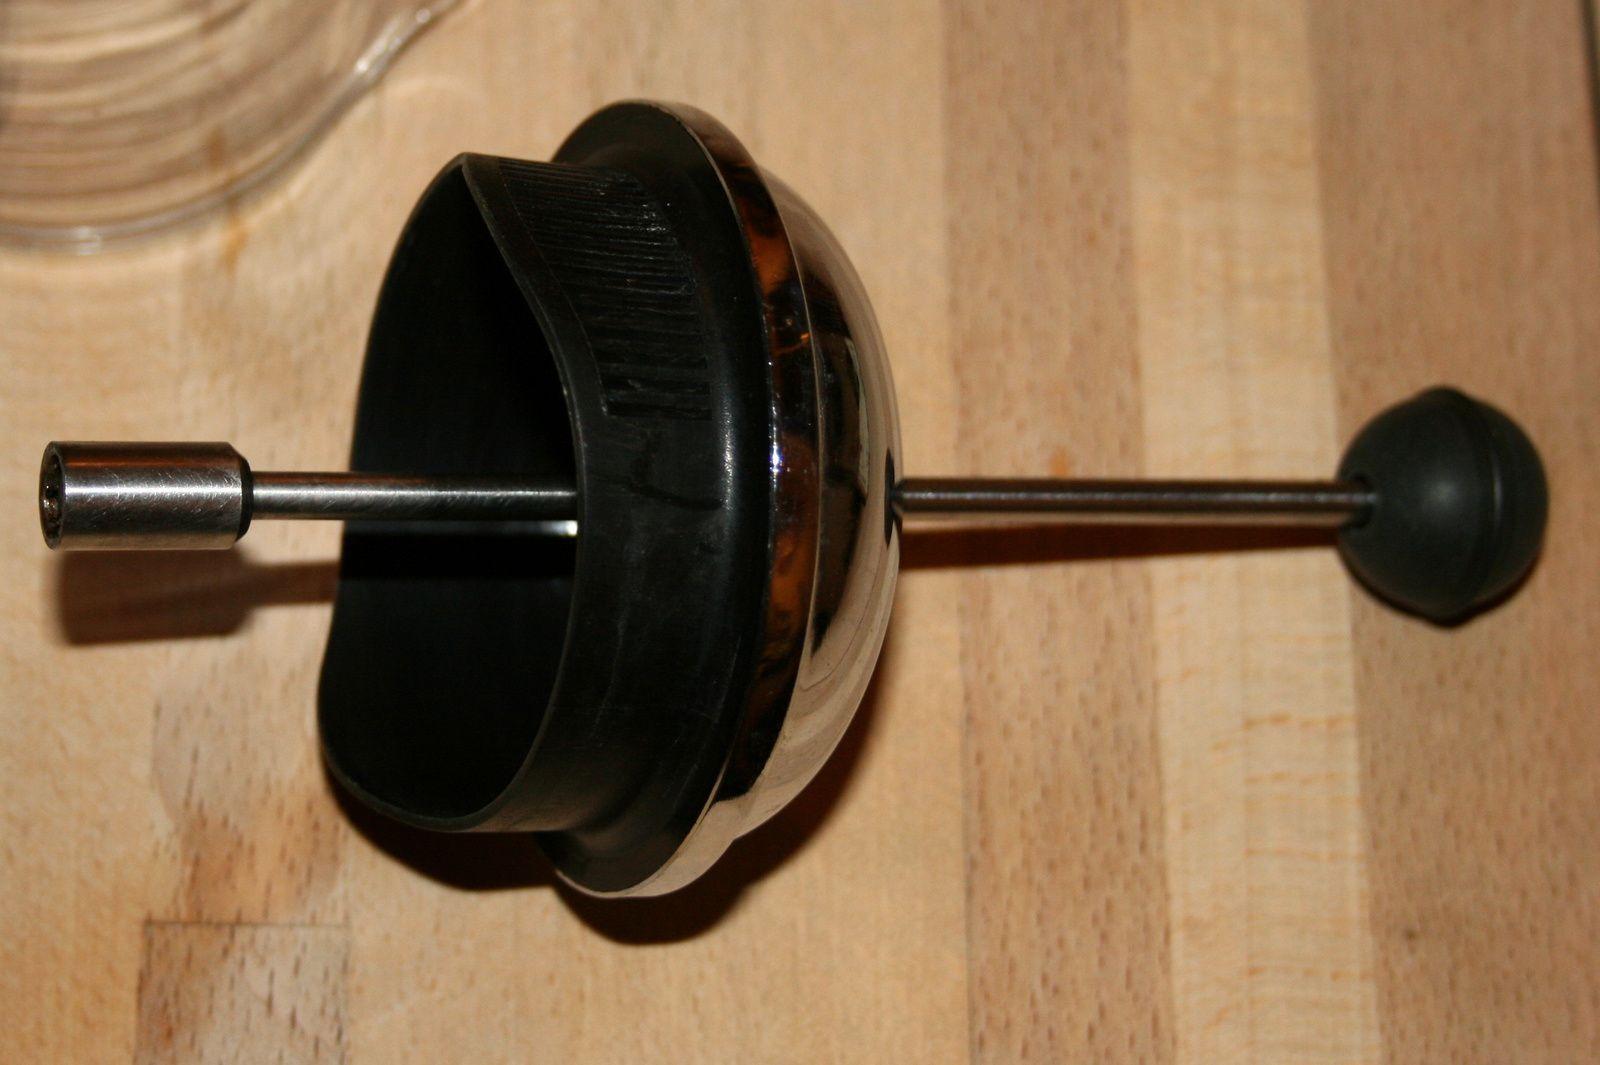 Cafetière Bodum, changer le verre, filtre, et autres pieces .